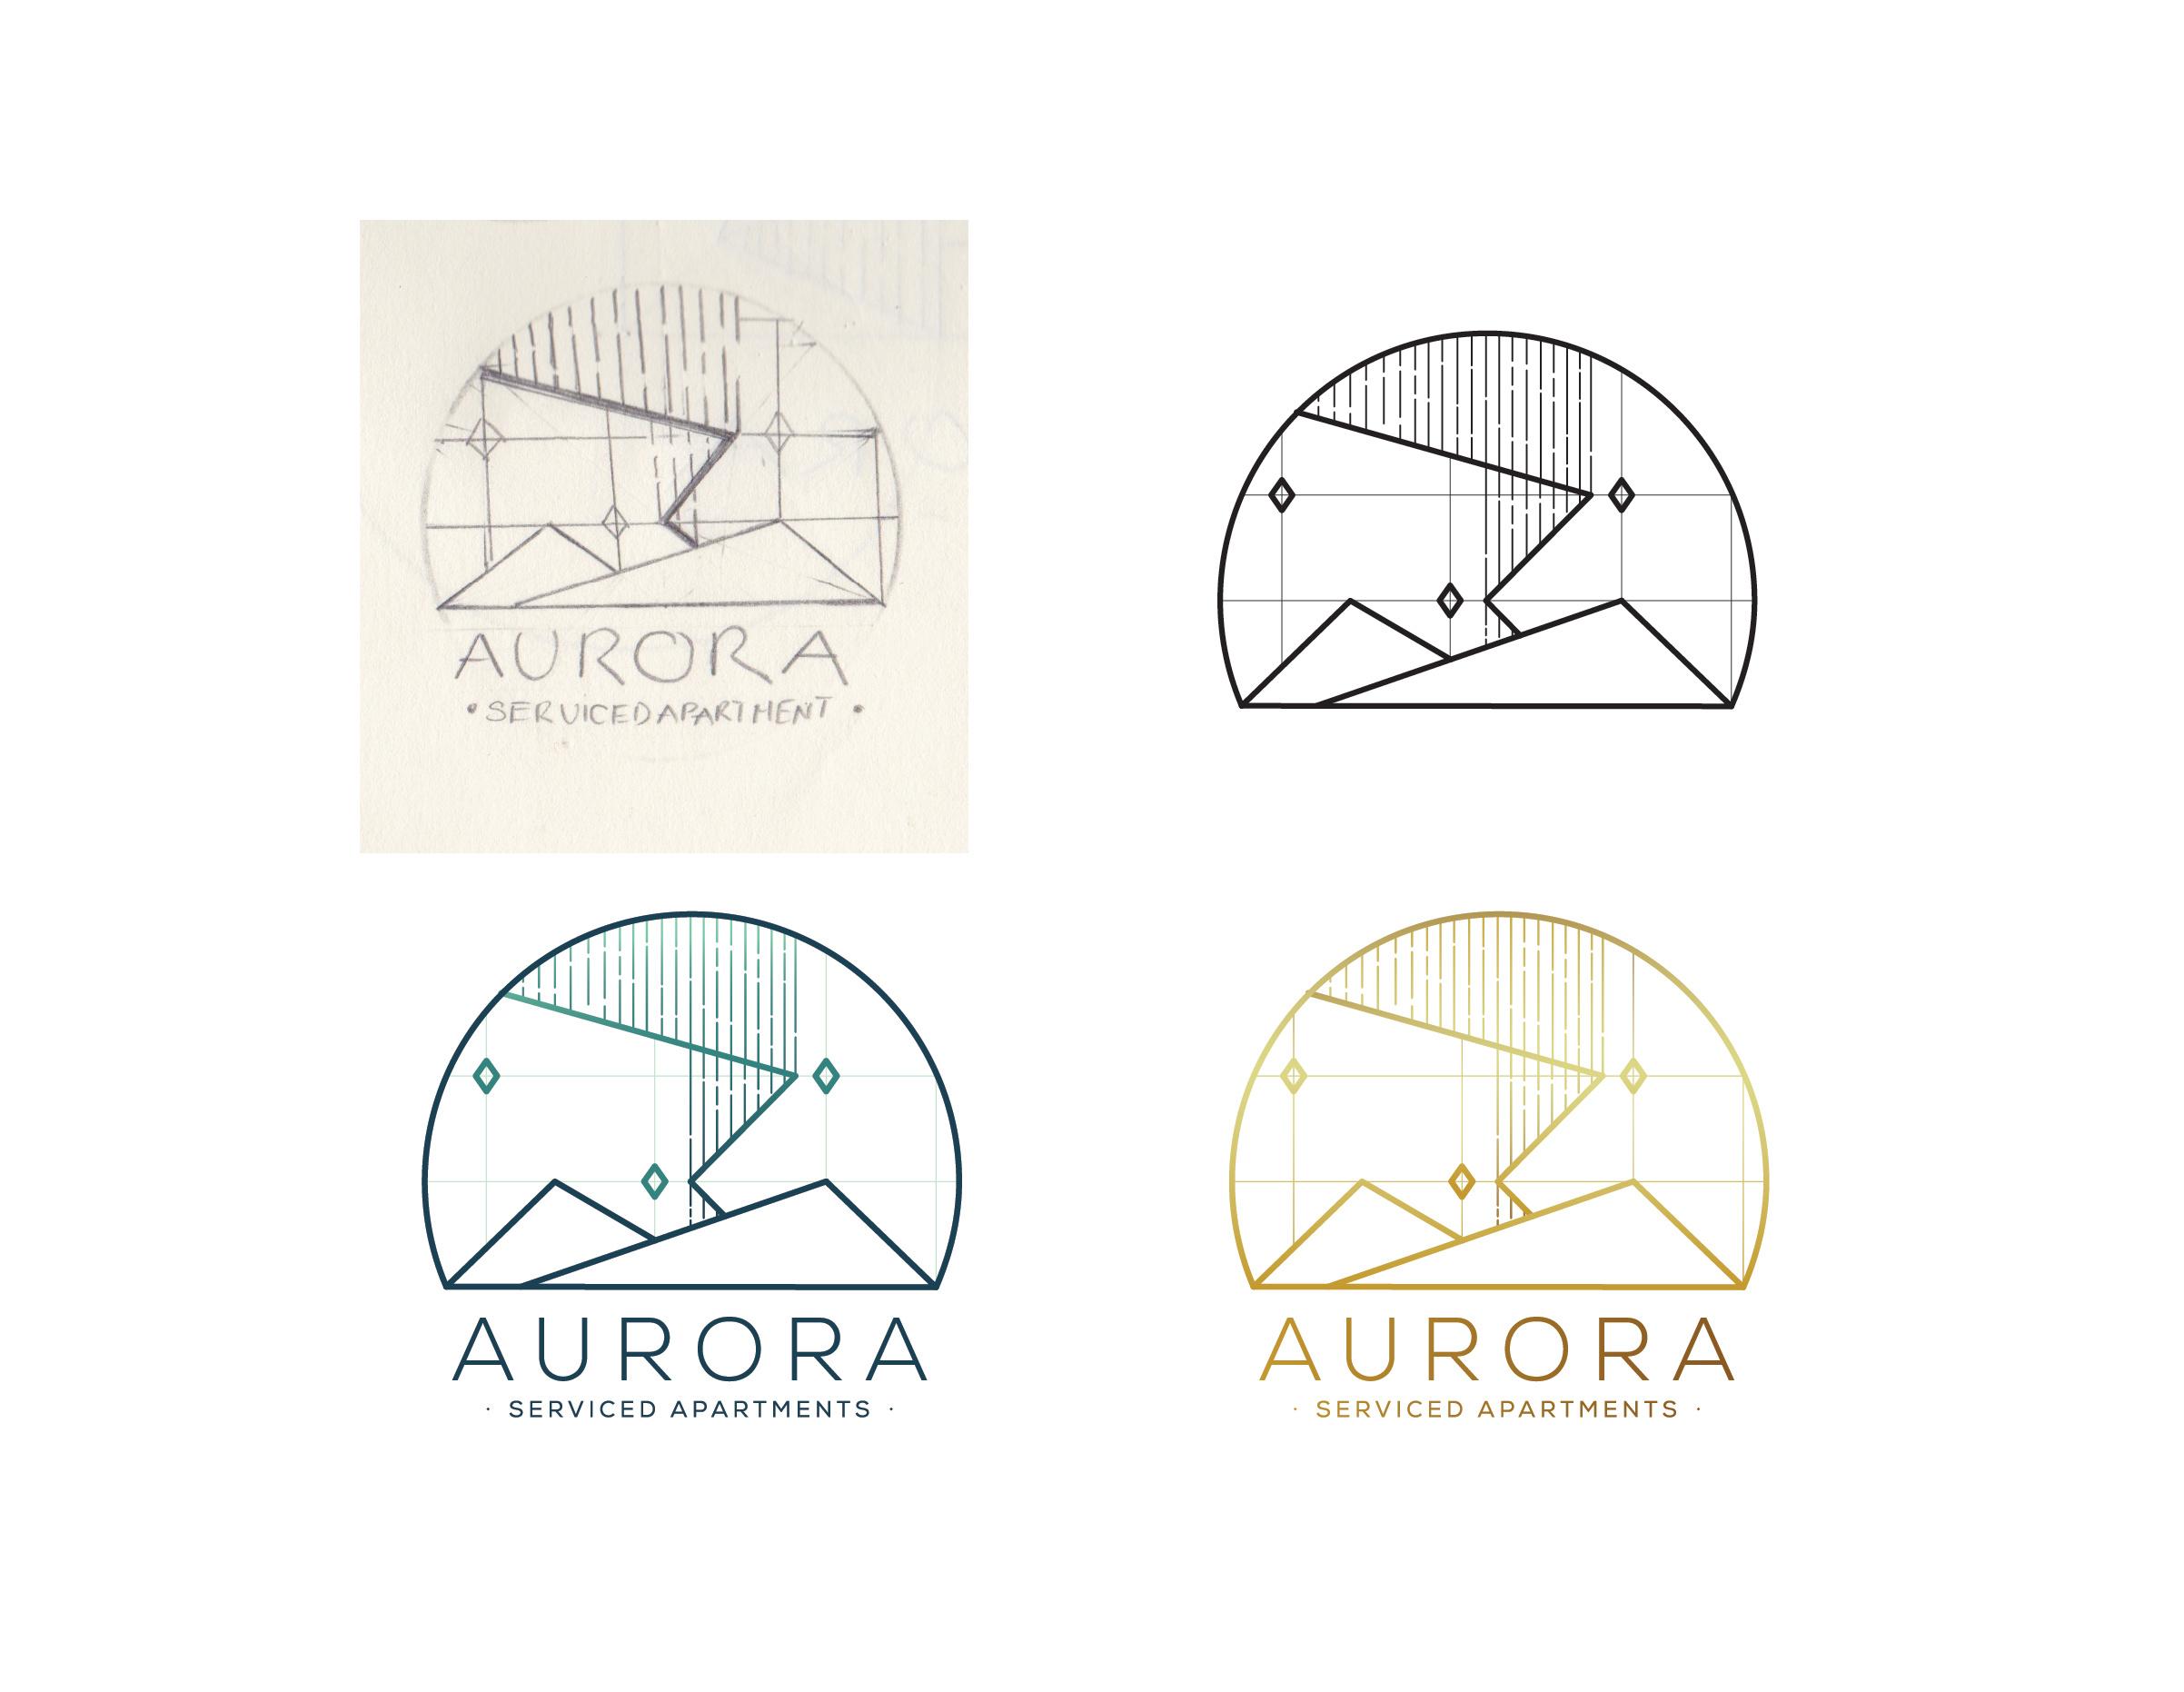 AURORA LOGO 1-03